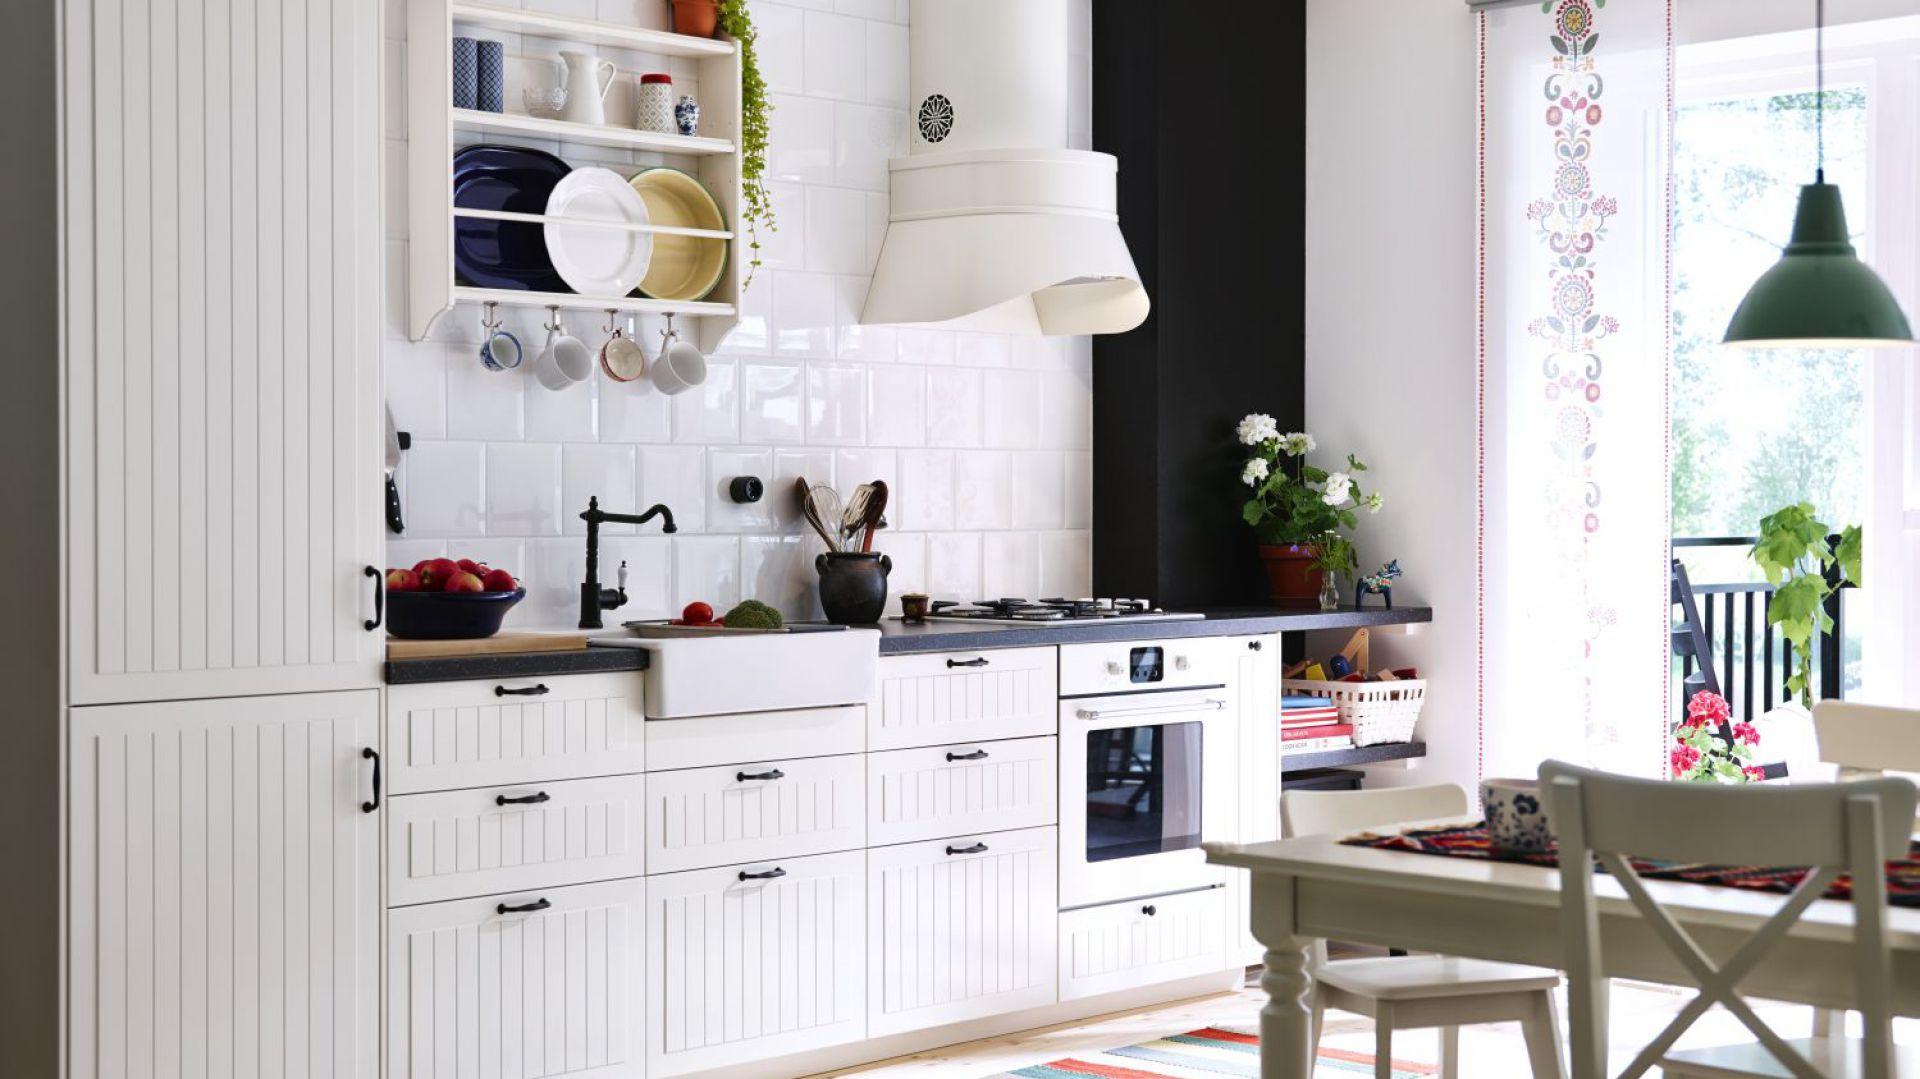 Modna Kuchnia Zobacz Jak Urządzić Ją W Stylu Prowansalskim